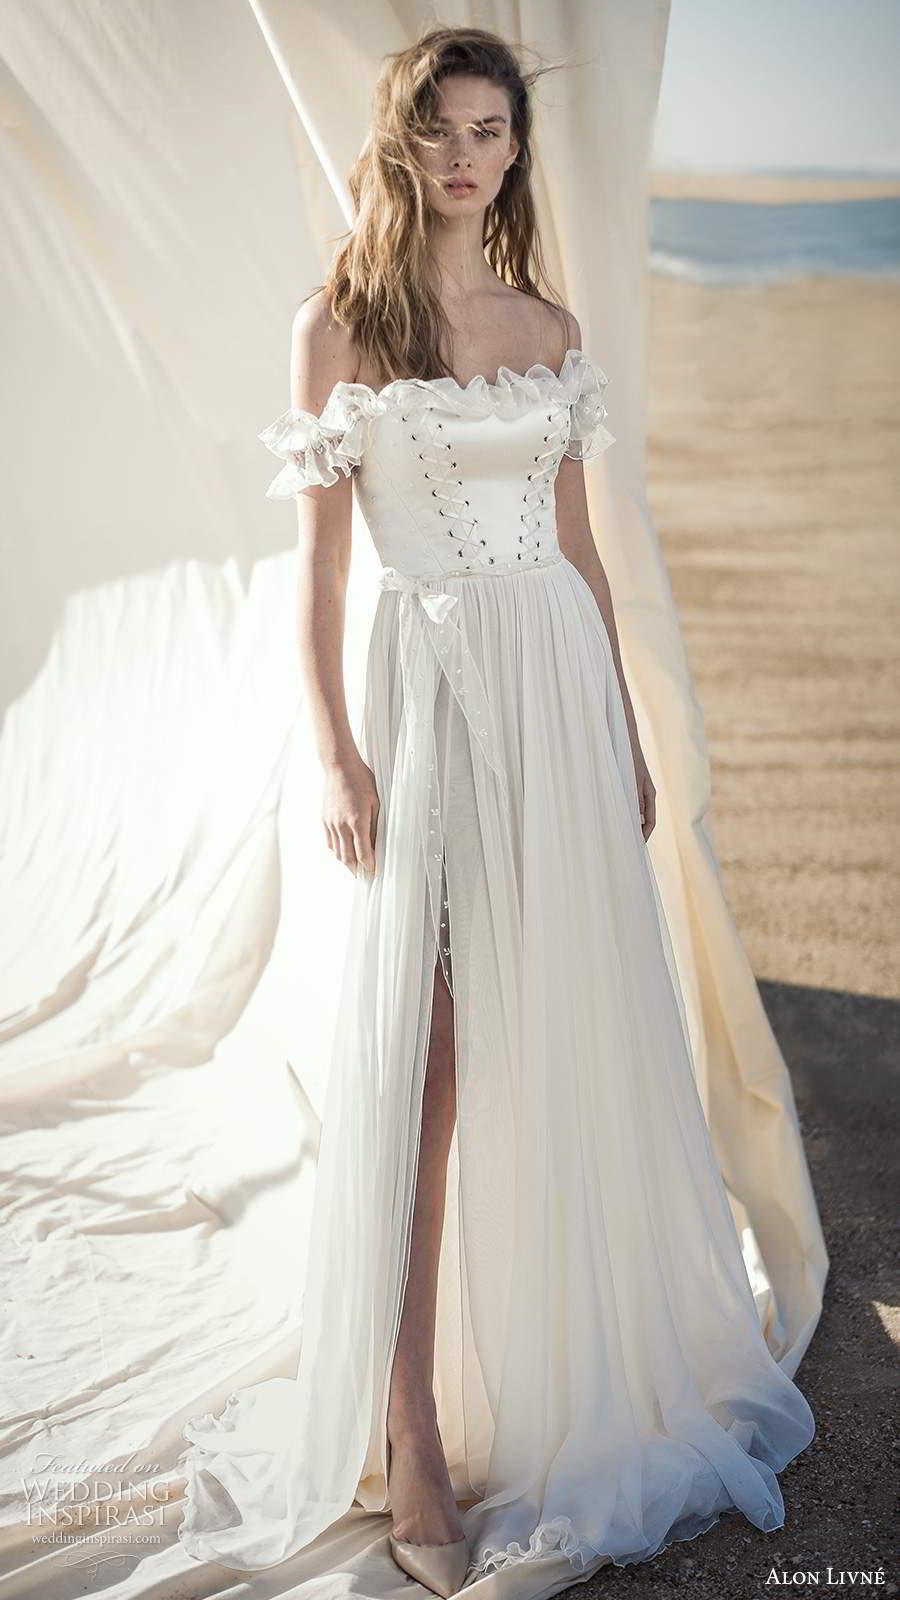 alon livne fall 2020 bridal sheer off shoulder ruffle straps straight across neckline corset bodice a line wedding dress slit skirt (7) mv